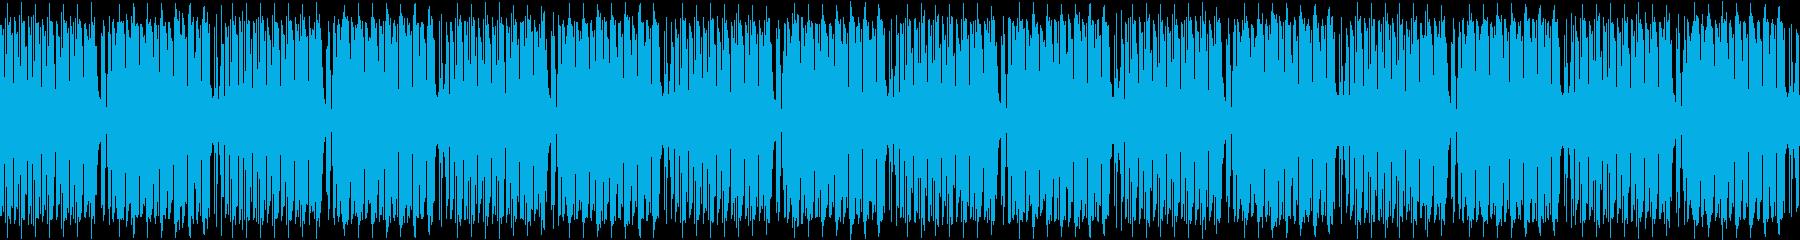 コミカルな雰囲気のブリッジBGMの再生済みの波形